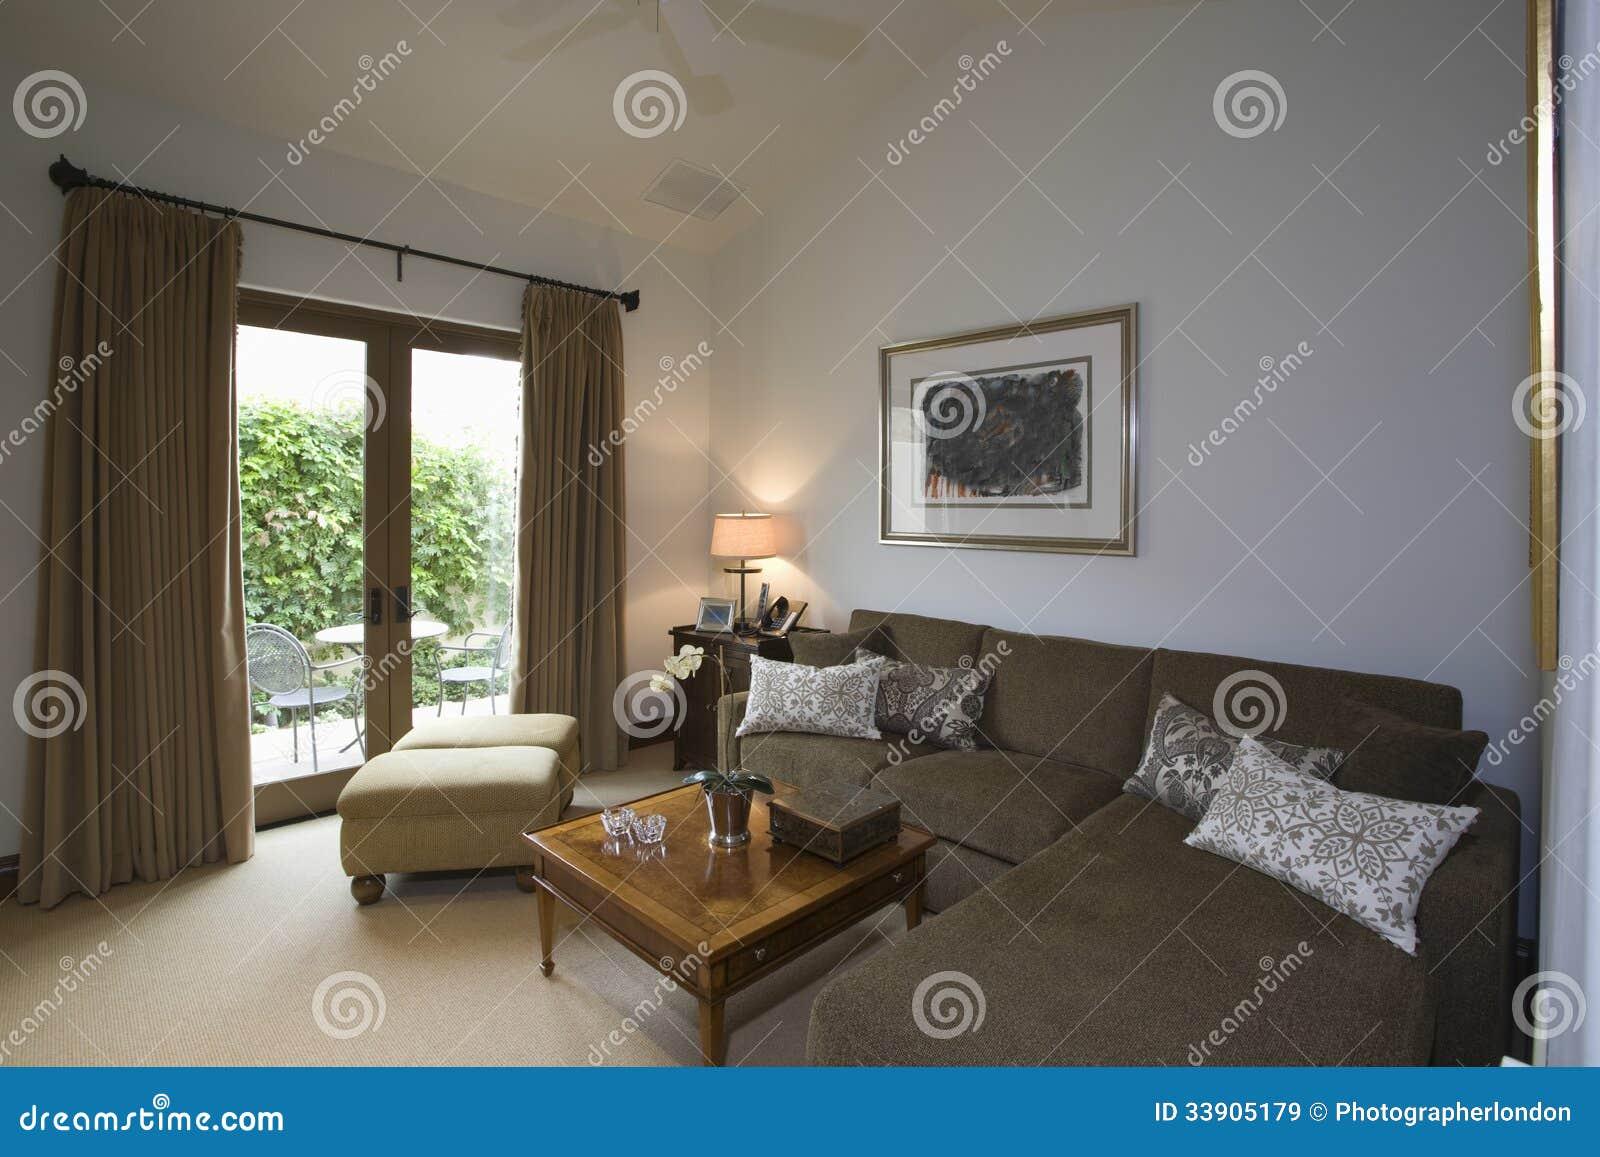 Woonkamer hoekbank beste inspiratie voor huis ontwerp - Woonkamer met hoekbank ...